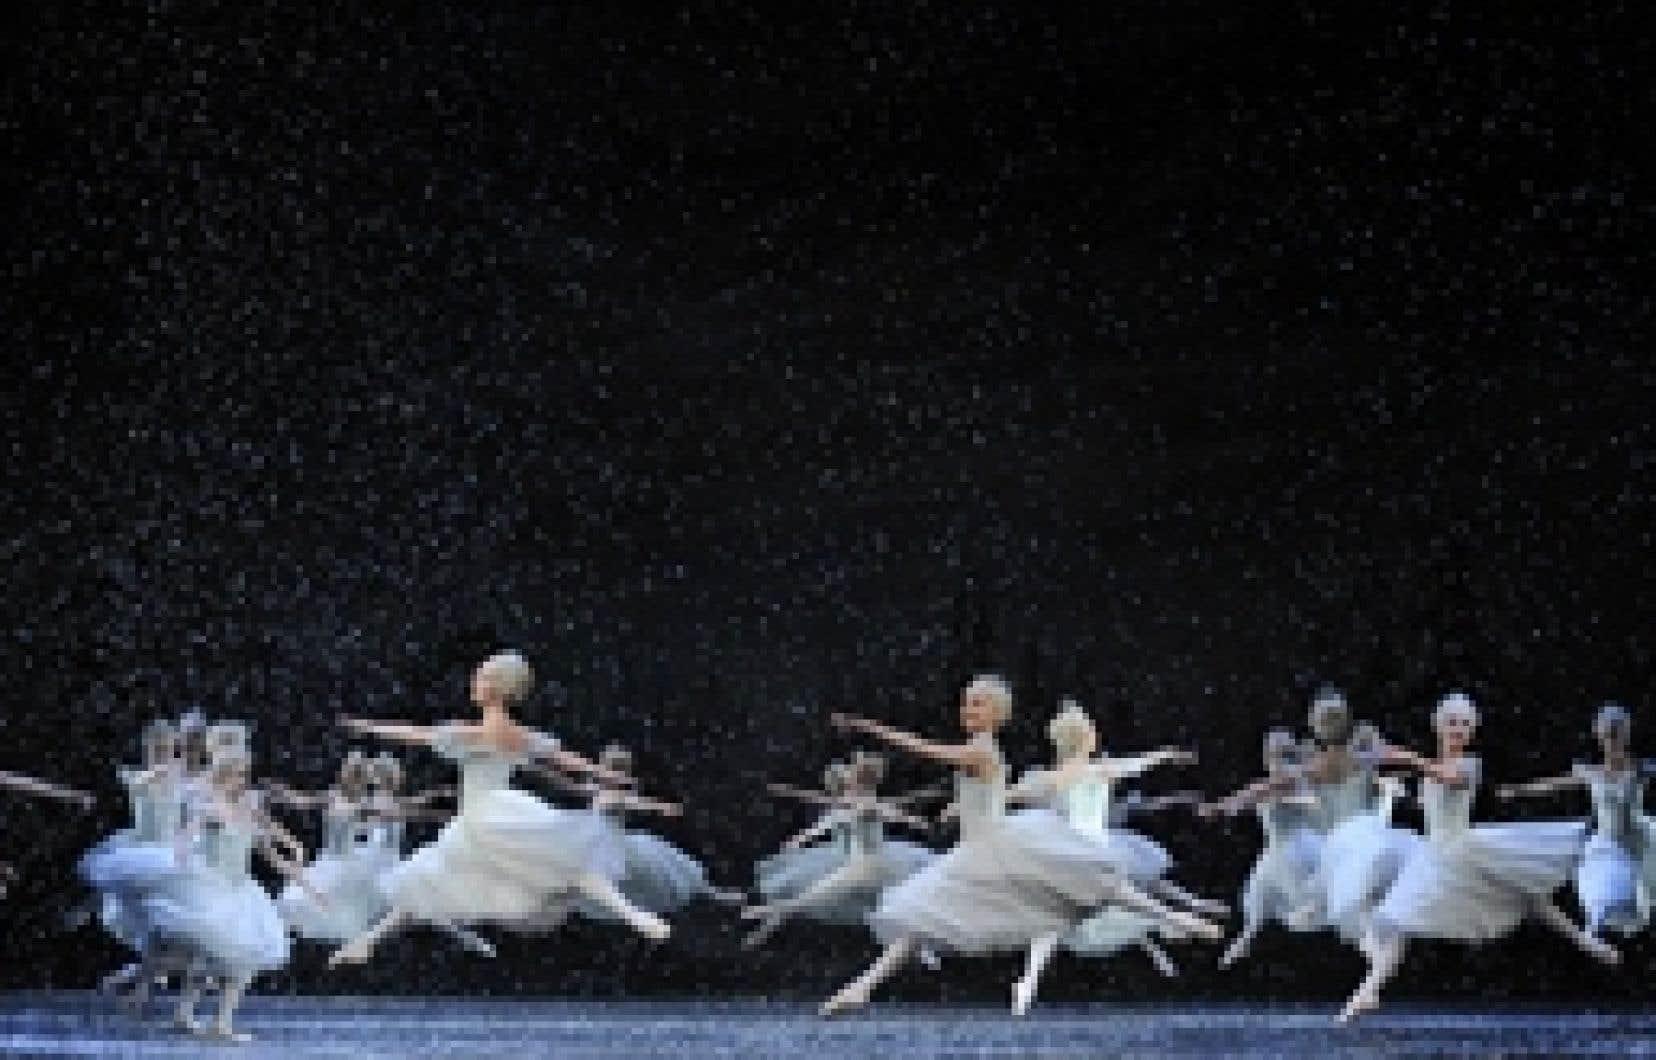 Des danseurs du Royal Ballet répètent leur version du Casse-Noisette de Tchaïkovski présentée depuis la mi-décembre au Royal Opera House de Covent Garden, à Londres. Contrairement à ce qui se passe dans certaines grandes villes des États-Unis, l